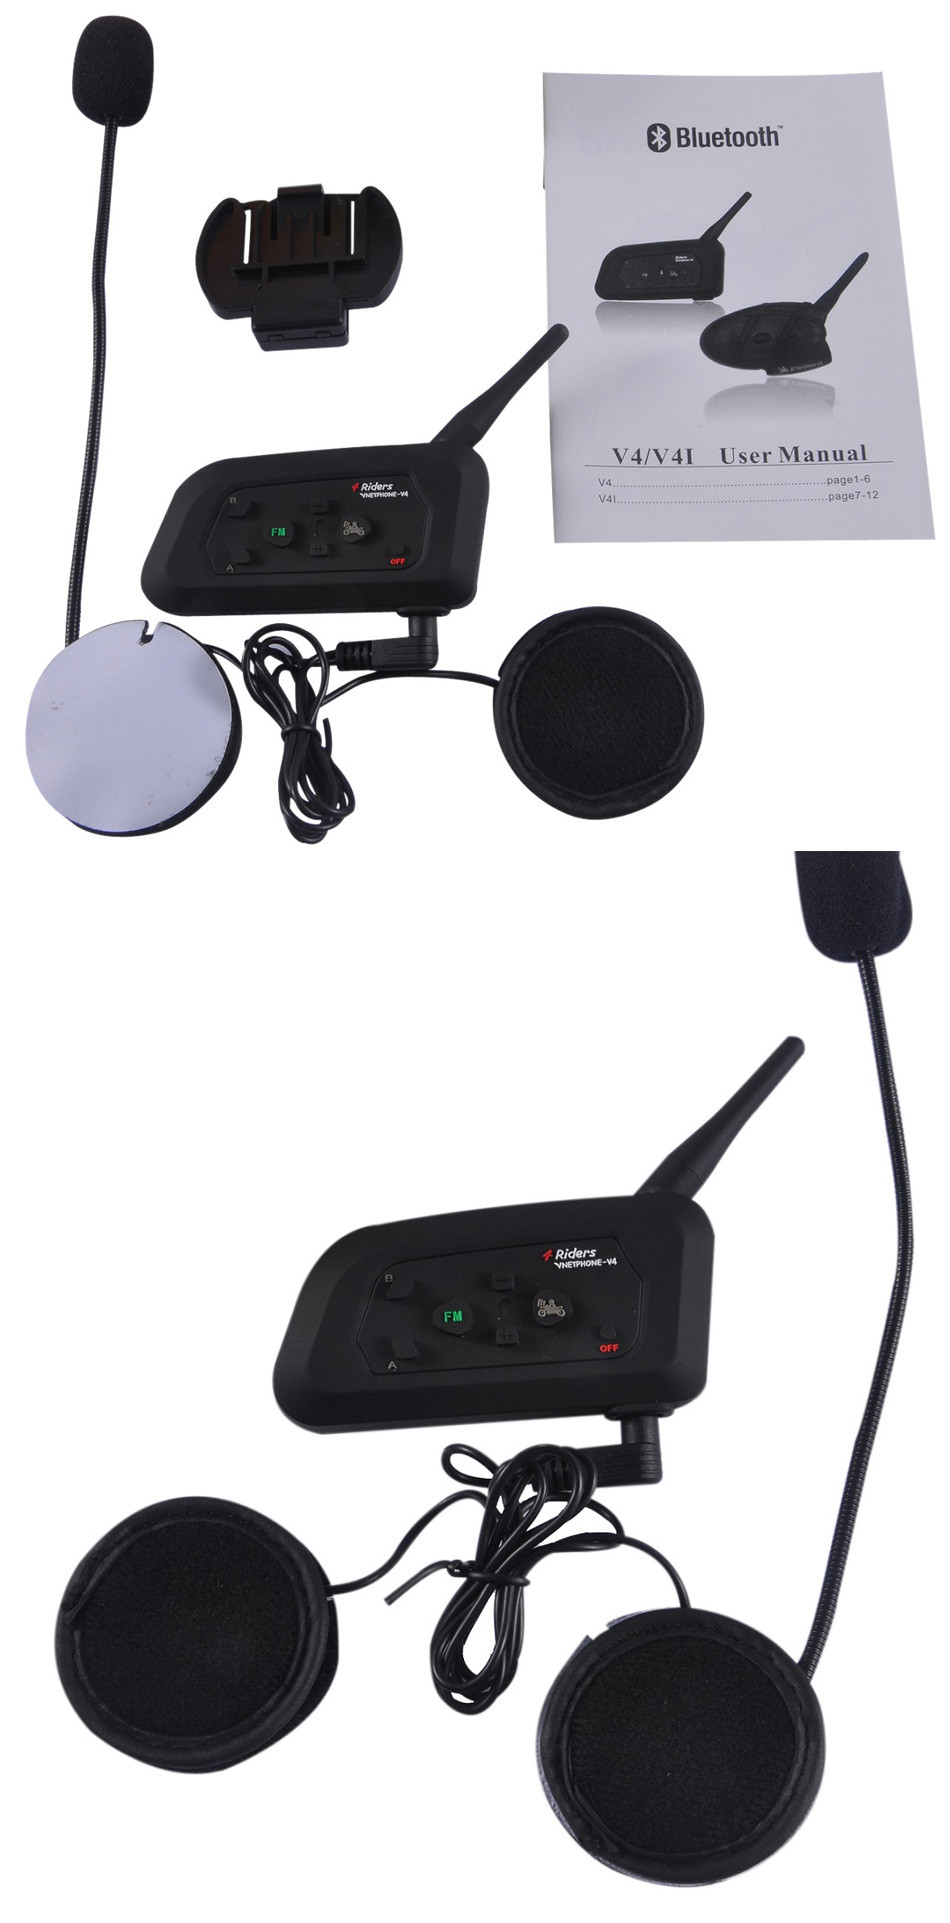 Vnetphone V4 1200M Motorcycle Helmet BT Intercom Bluetooth Headset 4 Riders Bikers Skiers FM Waterproof Interphone Ear Headphone